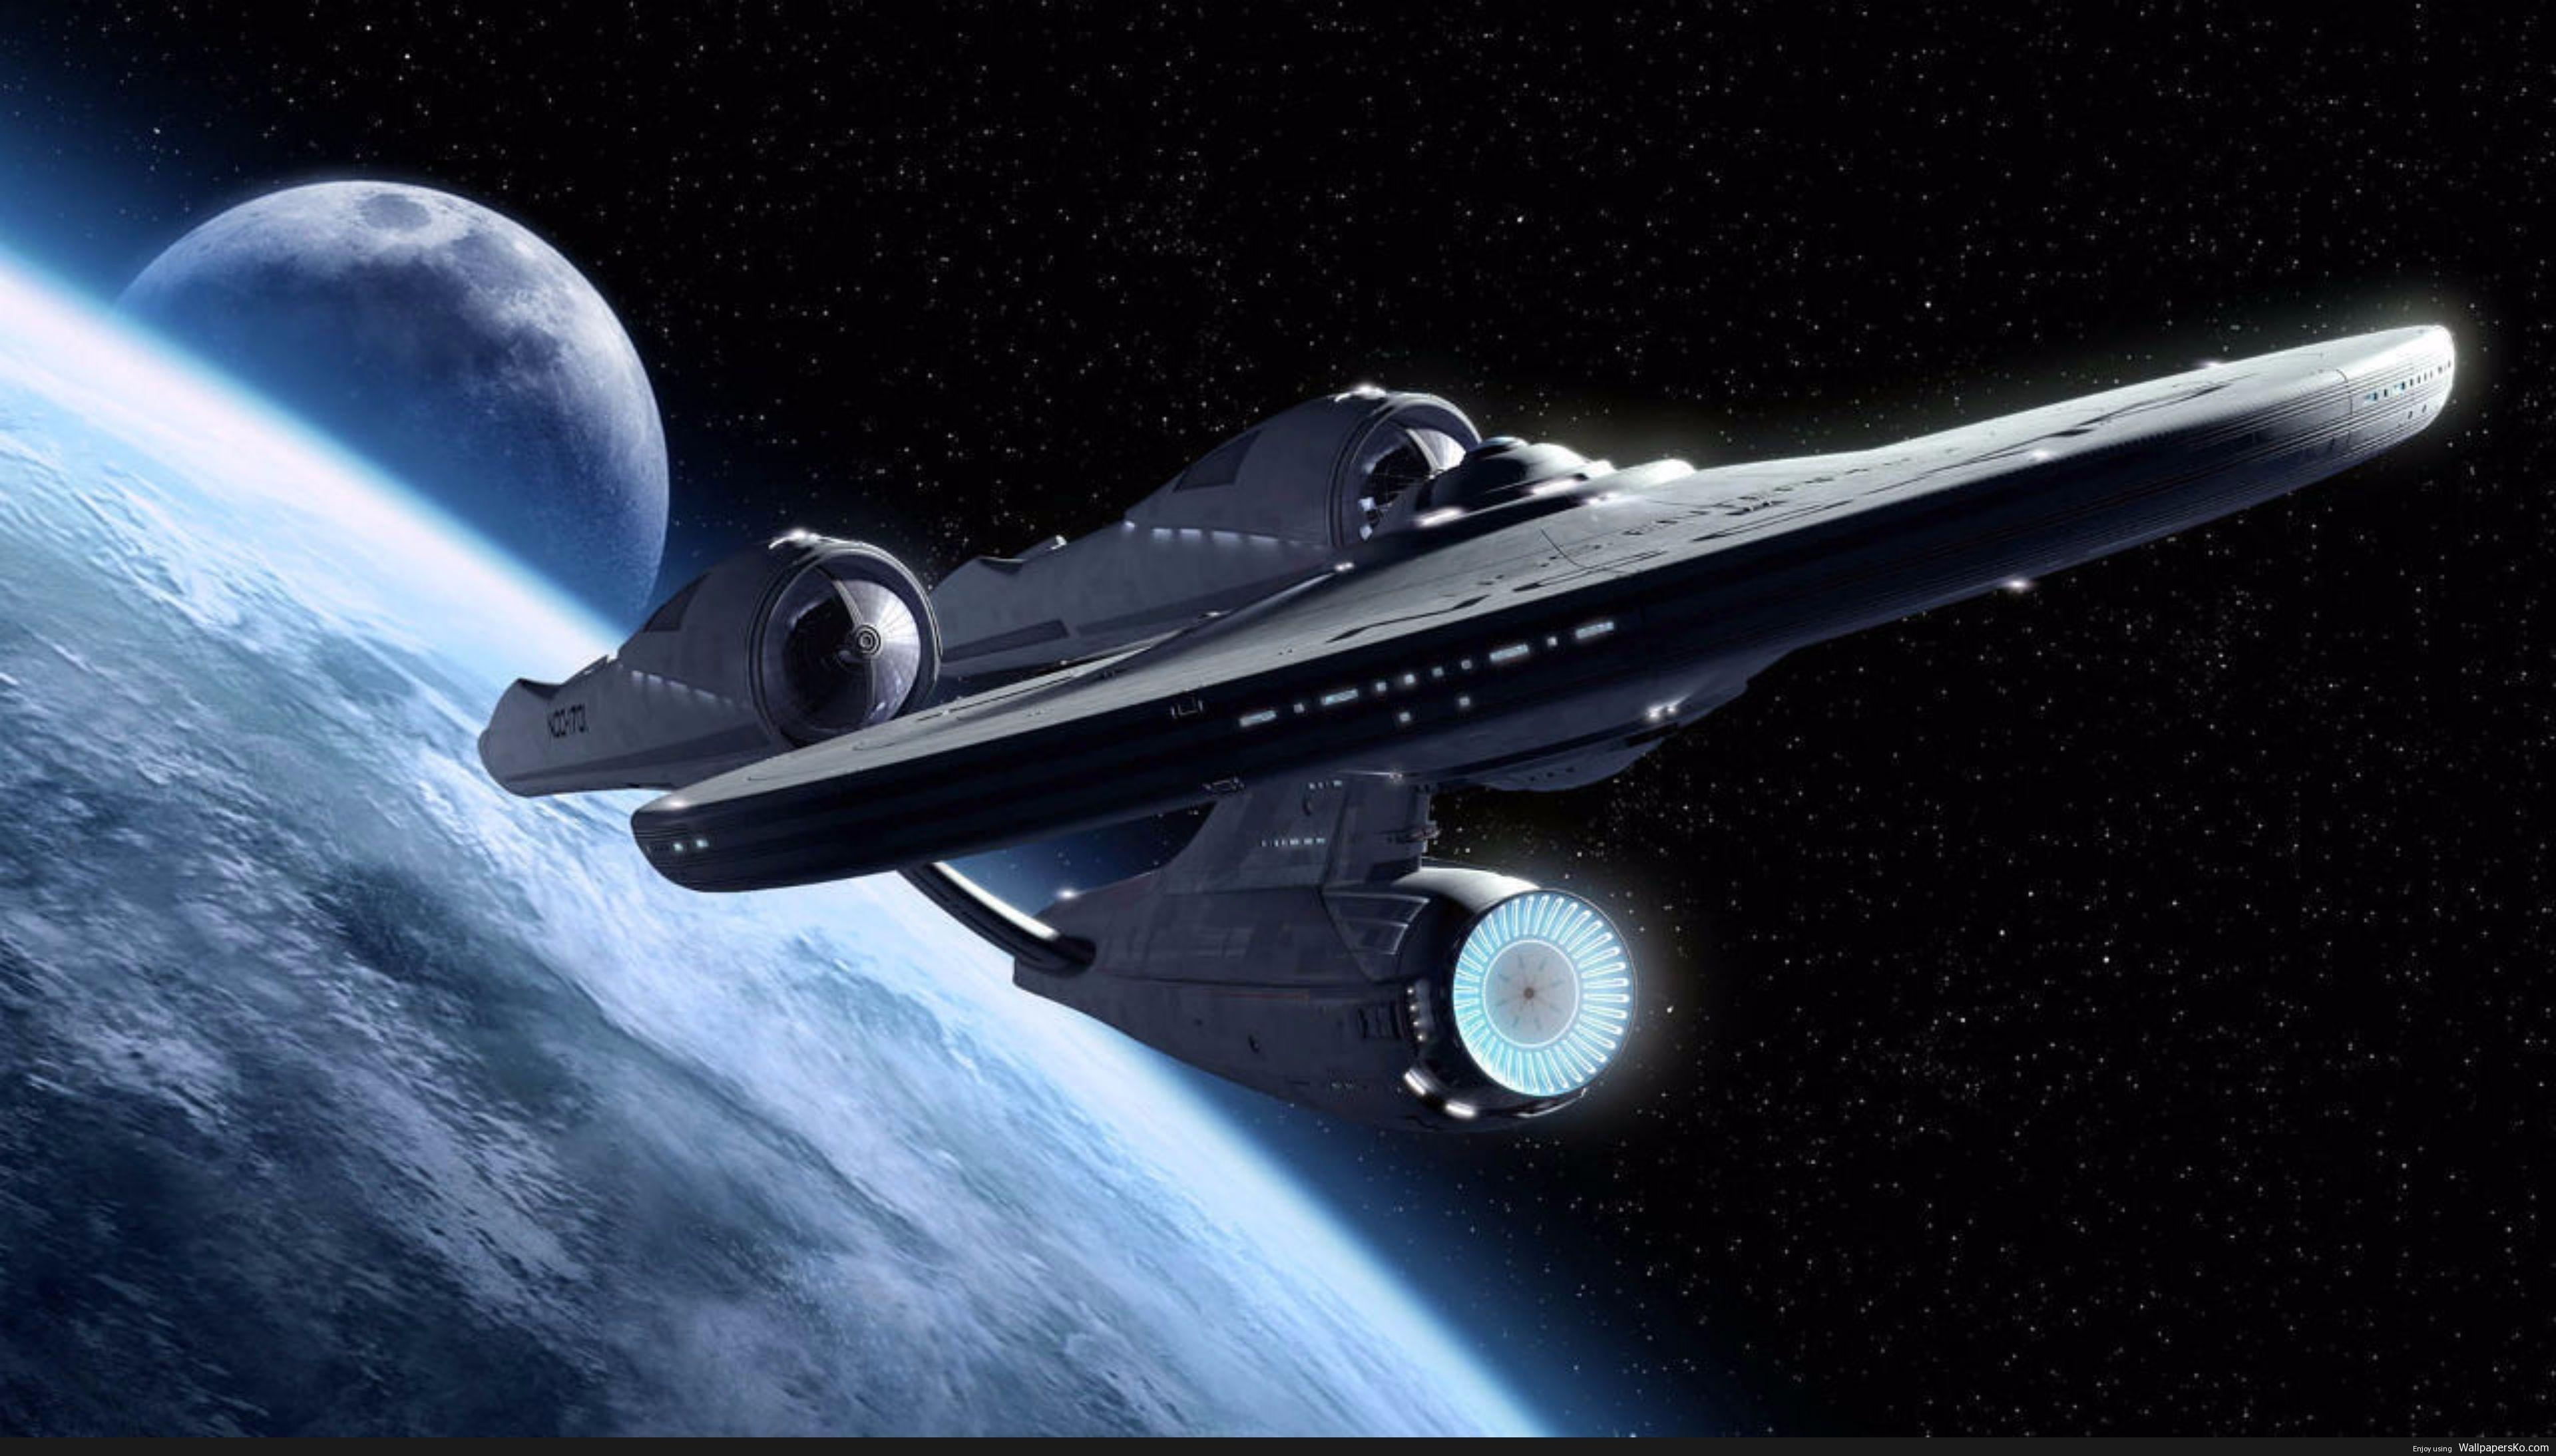 Star Trek 4k Wallpaper Http Wallpapersko Com Star Trek 4k Wallpaper Html Hd Wallpapers Download Star Trek Wallpaper Star Trek Warp Star Trek 2009